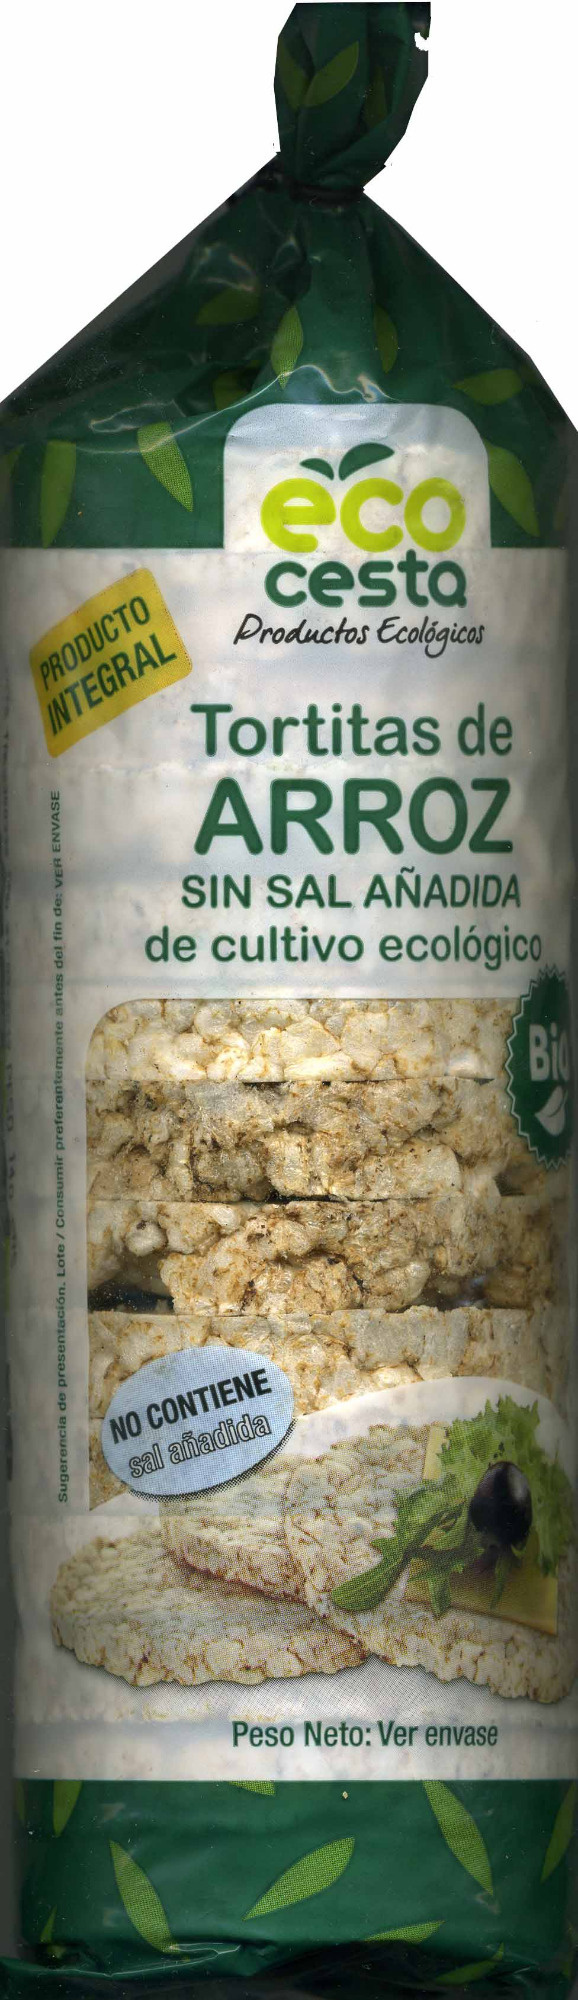 Tortitas de arroz sin sal añadida - Producto - es